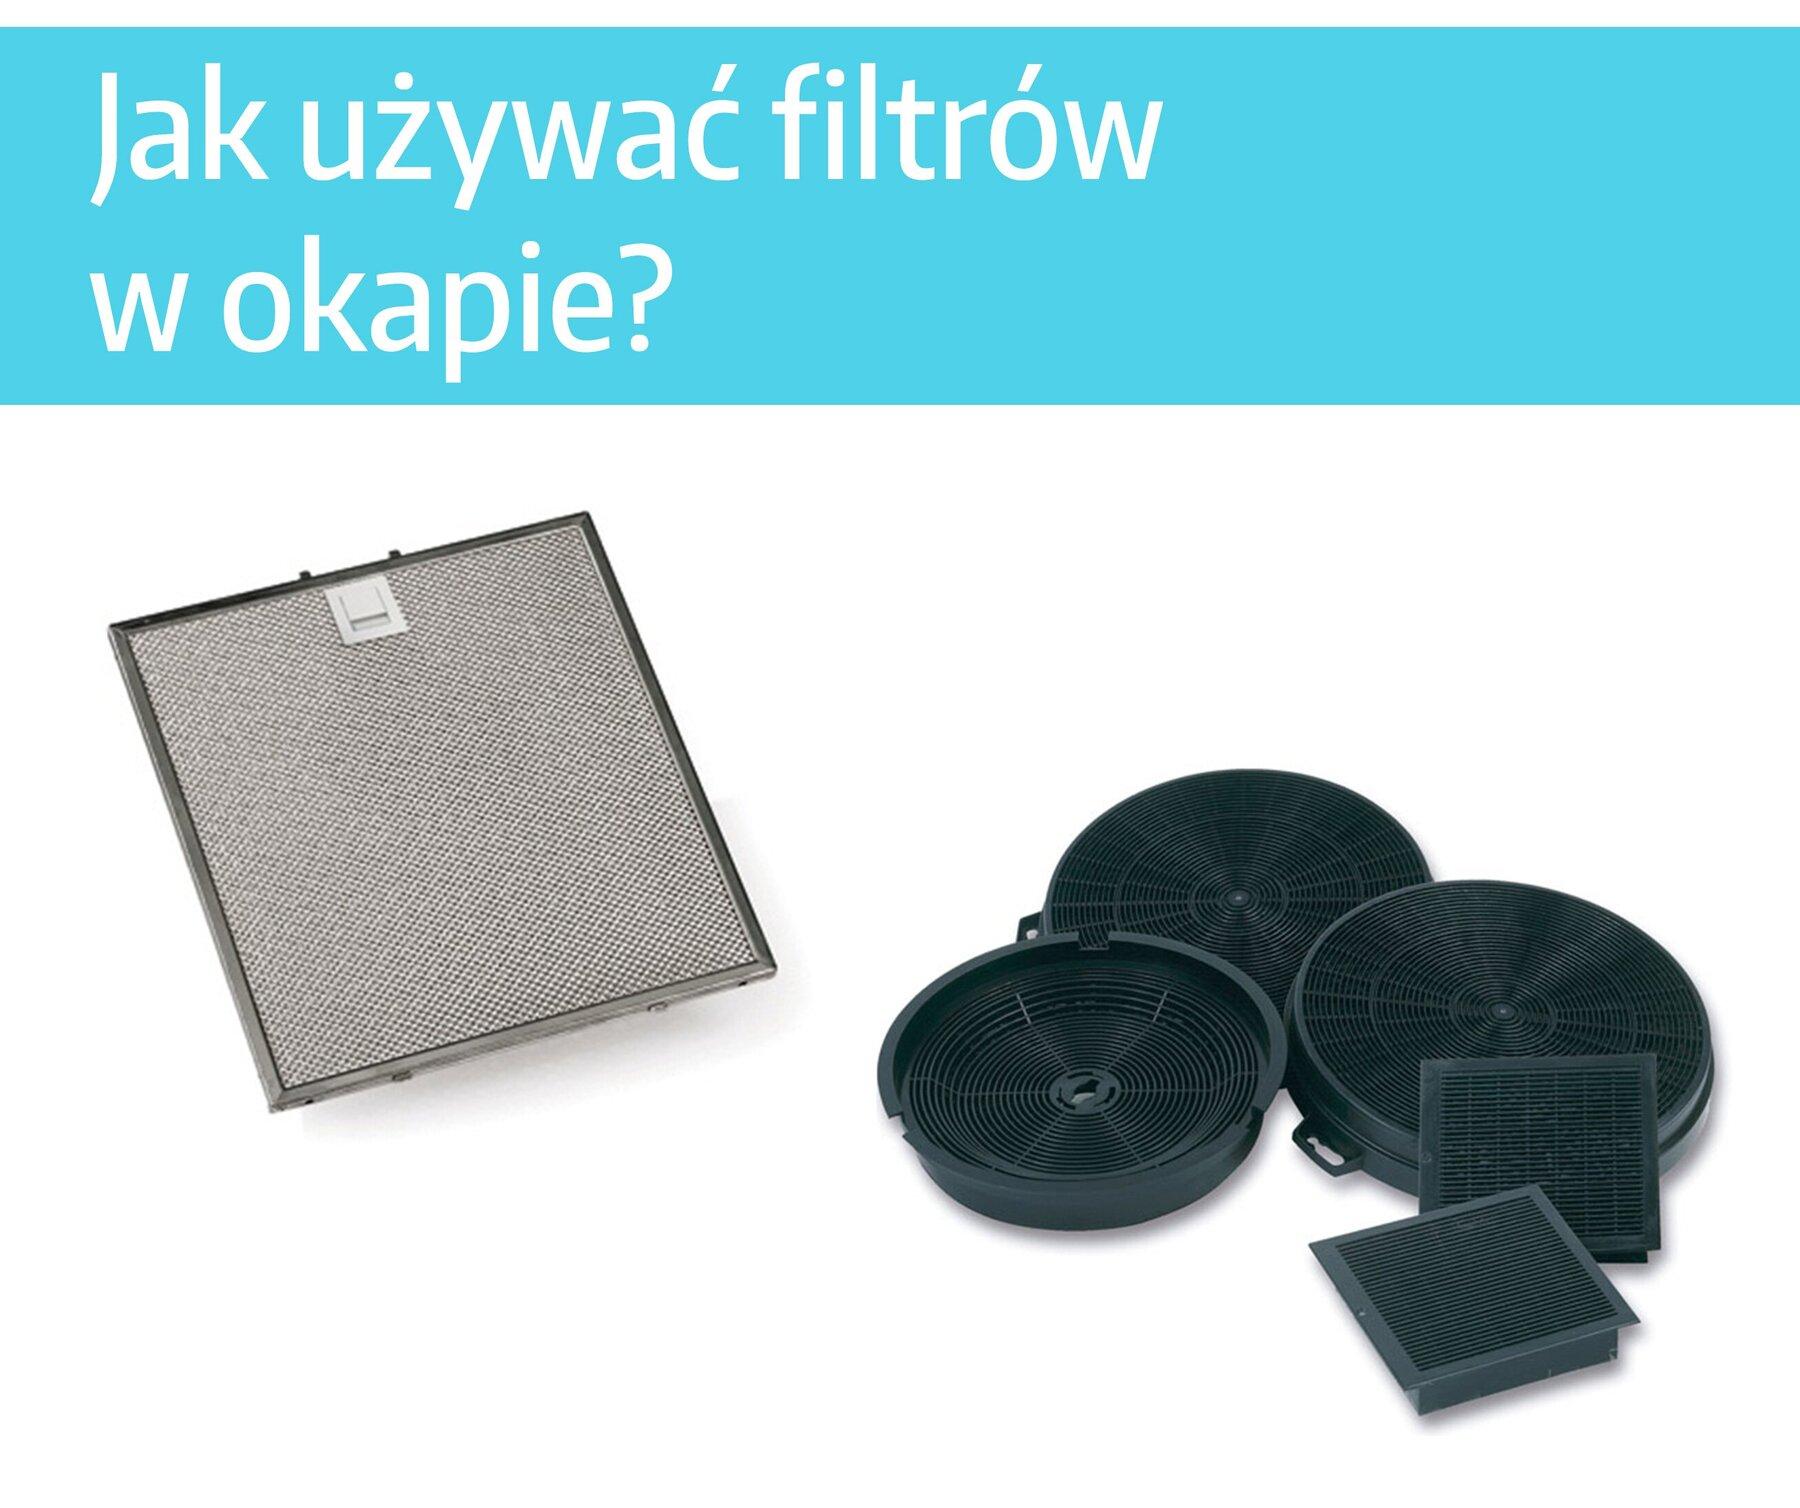 Okapy i pochłaniacze - jak używać filtrów metalowych i węglowych?